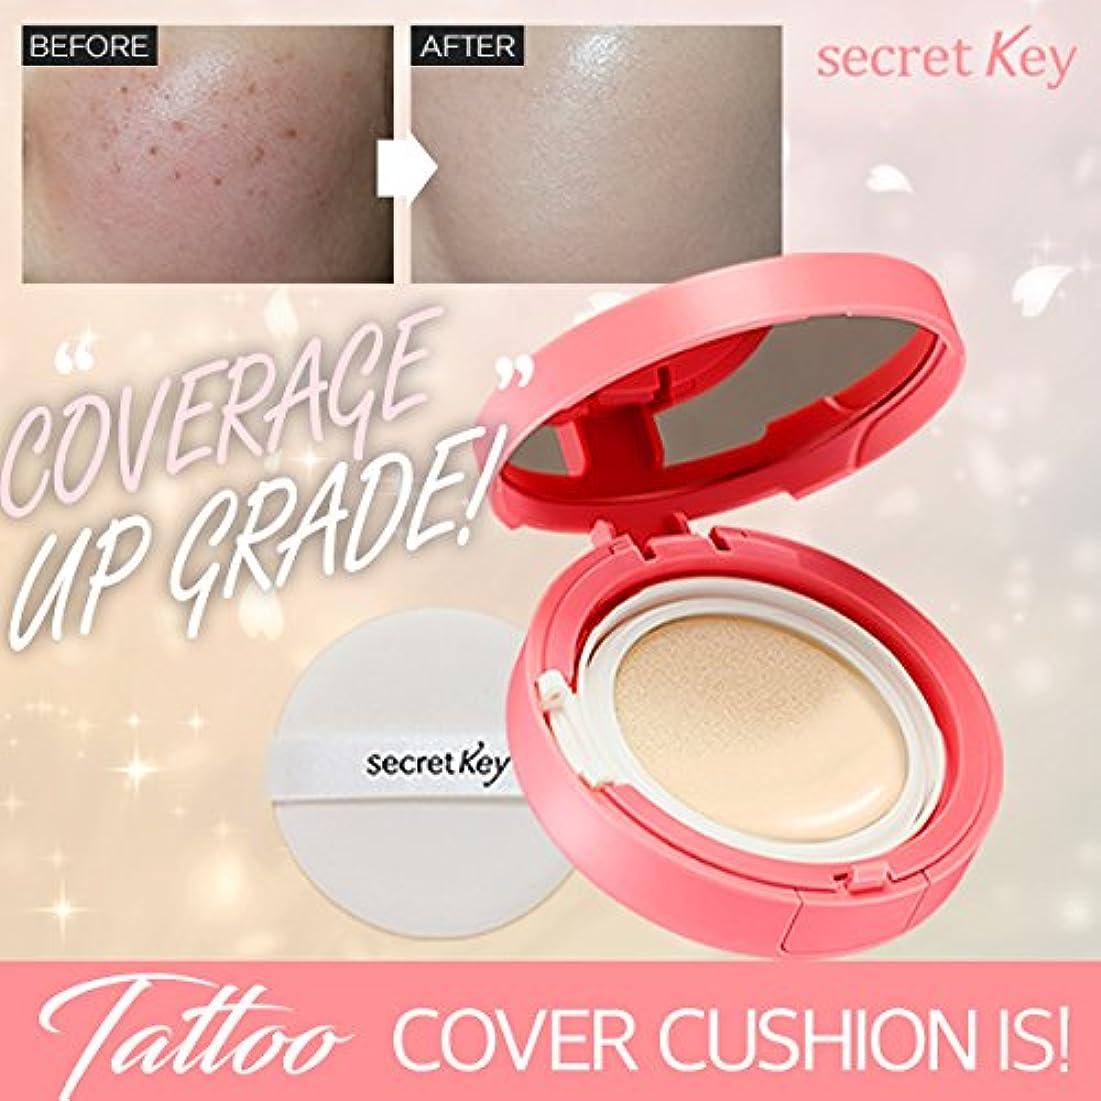 刈る存在する恐れるSecretkey シークレットキー タトゥーカバークッション14g ピンクエディション 期間限定 Tattoo Cover Cushion Pink Edition 海外直送品 (ナチュラルベージュ23号)